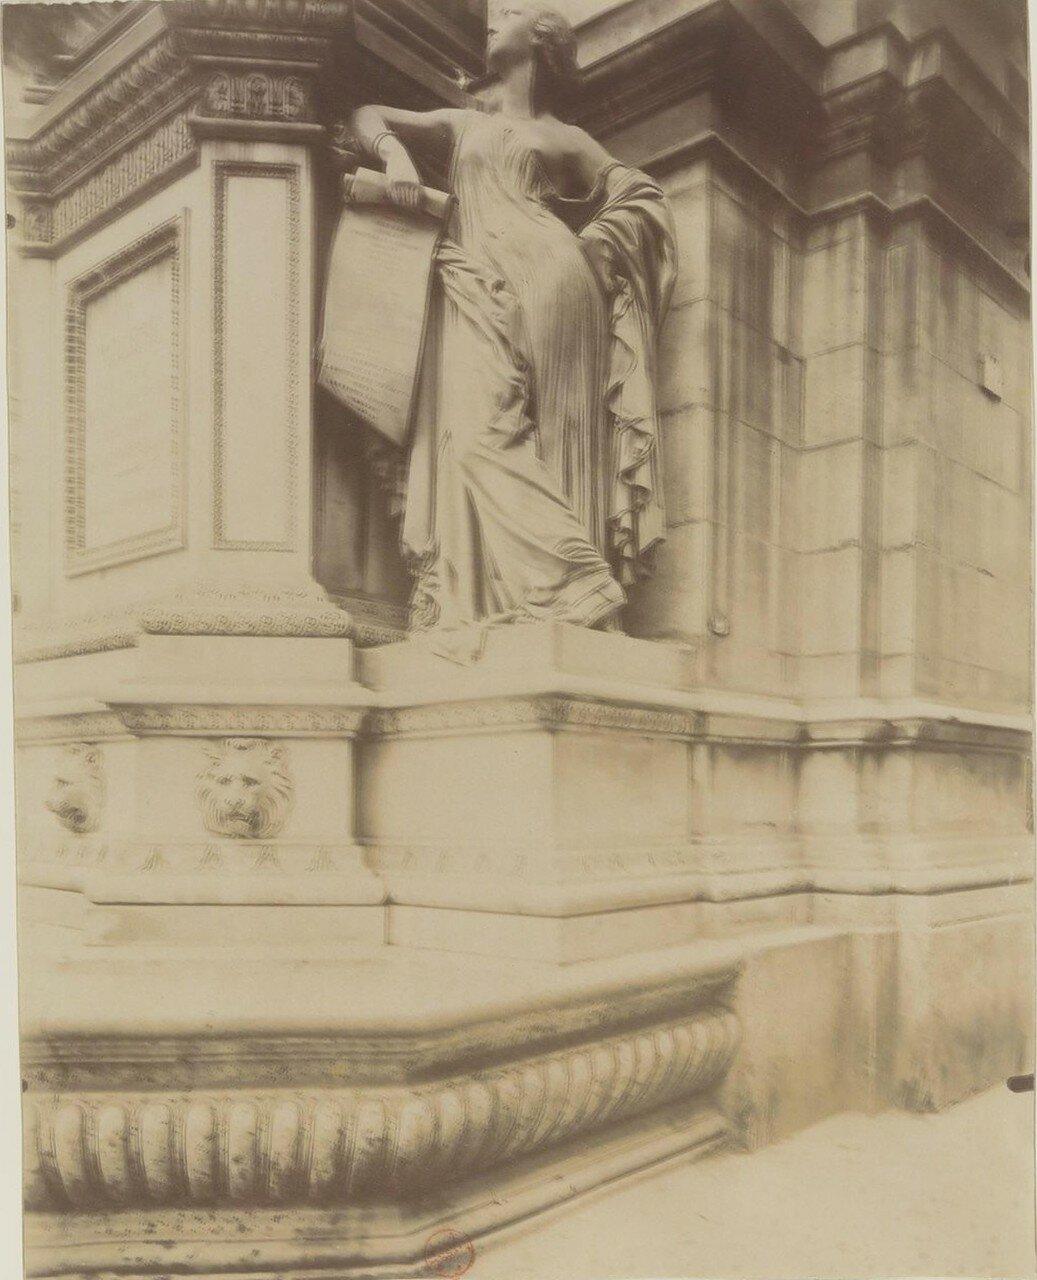 Рю Ришелье. Фонтан Мольера, созданный архитектором Луи Висконти (1844). Май